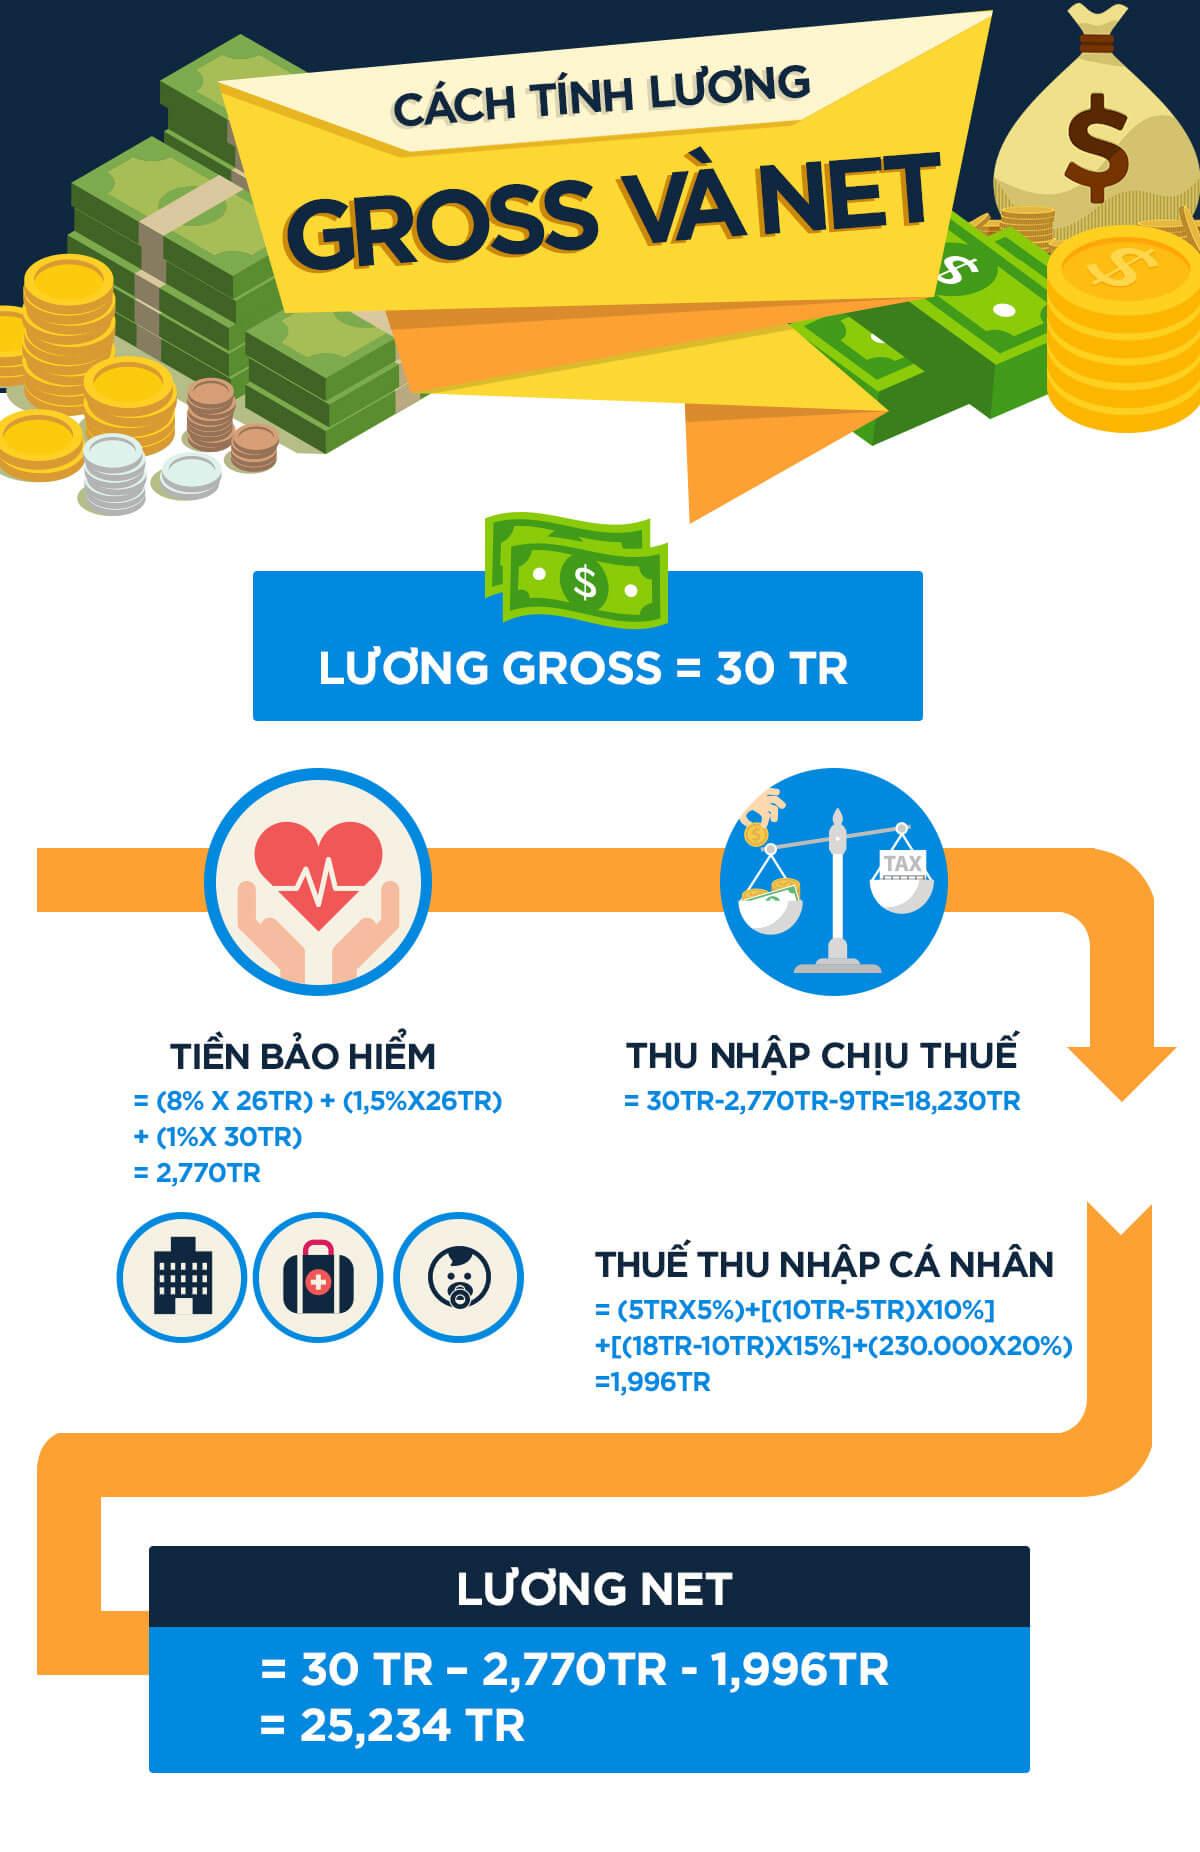 Cách Tính Lương Gross Và Net 2